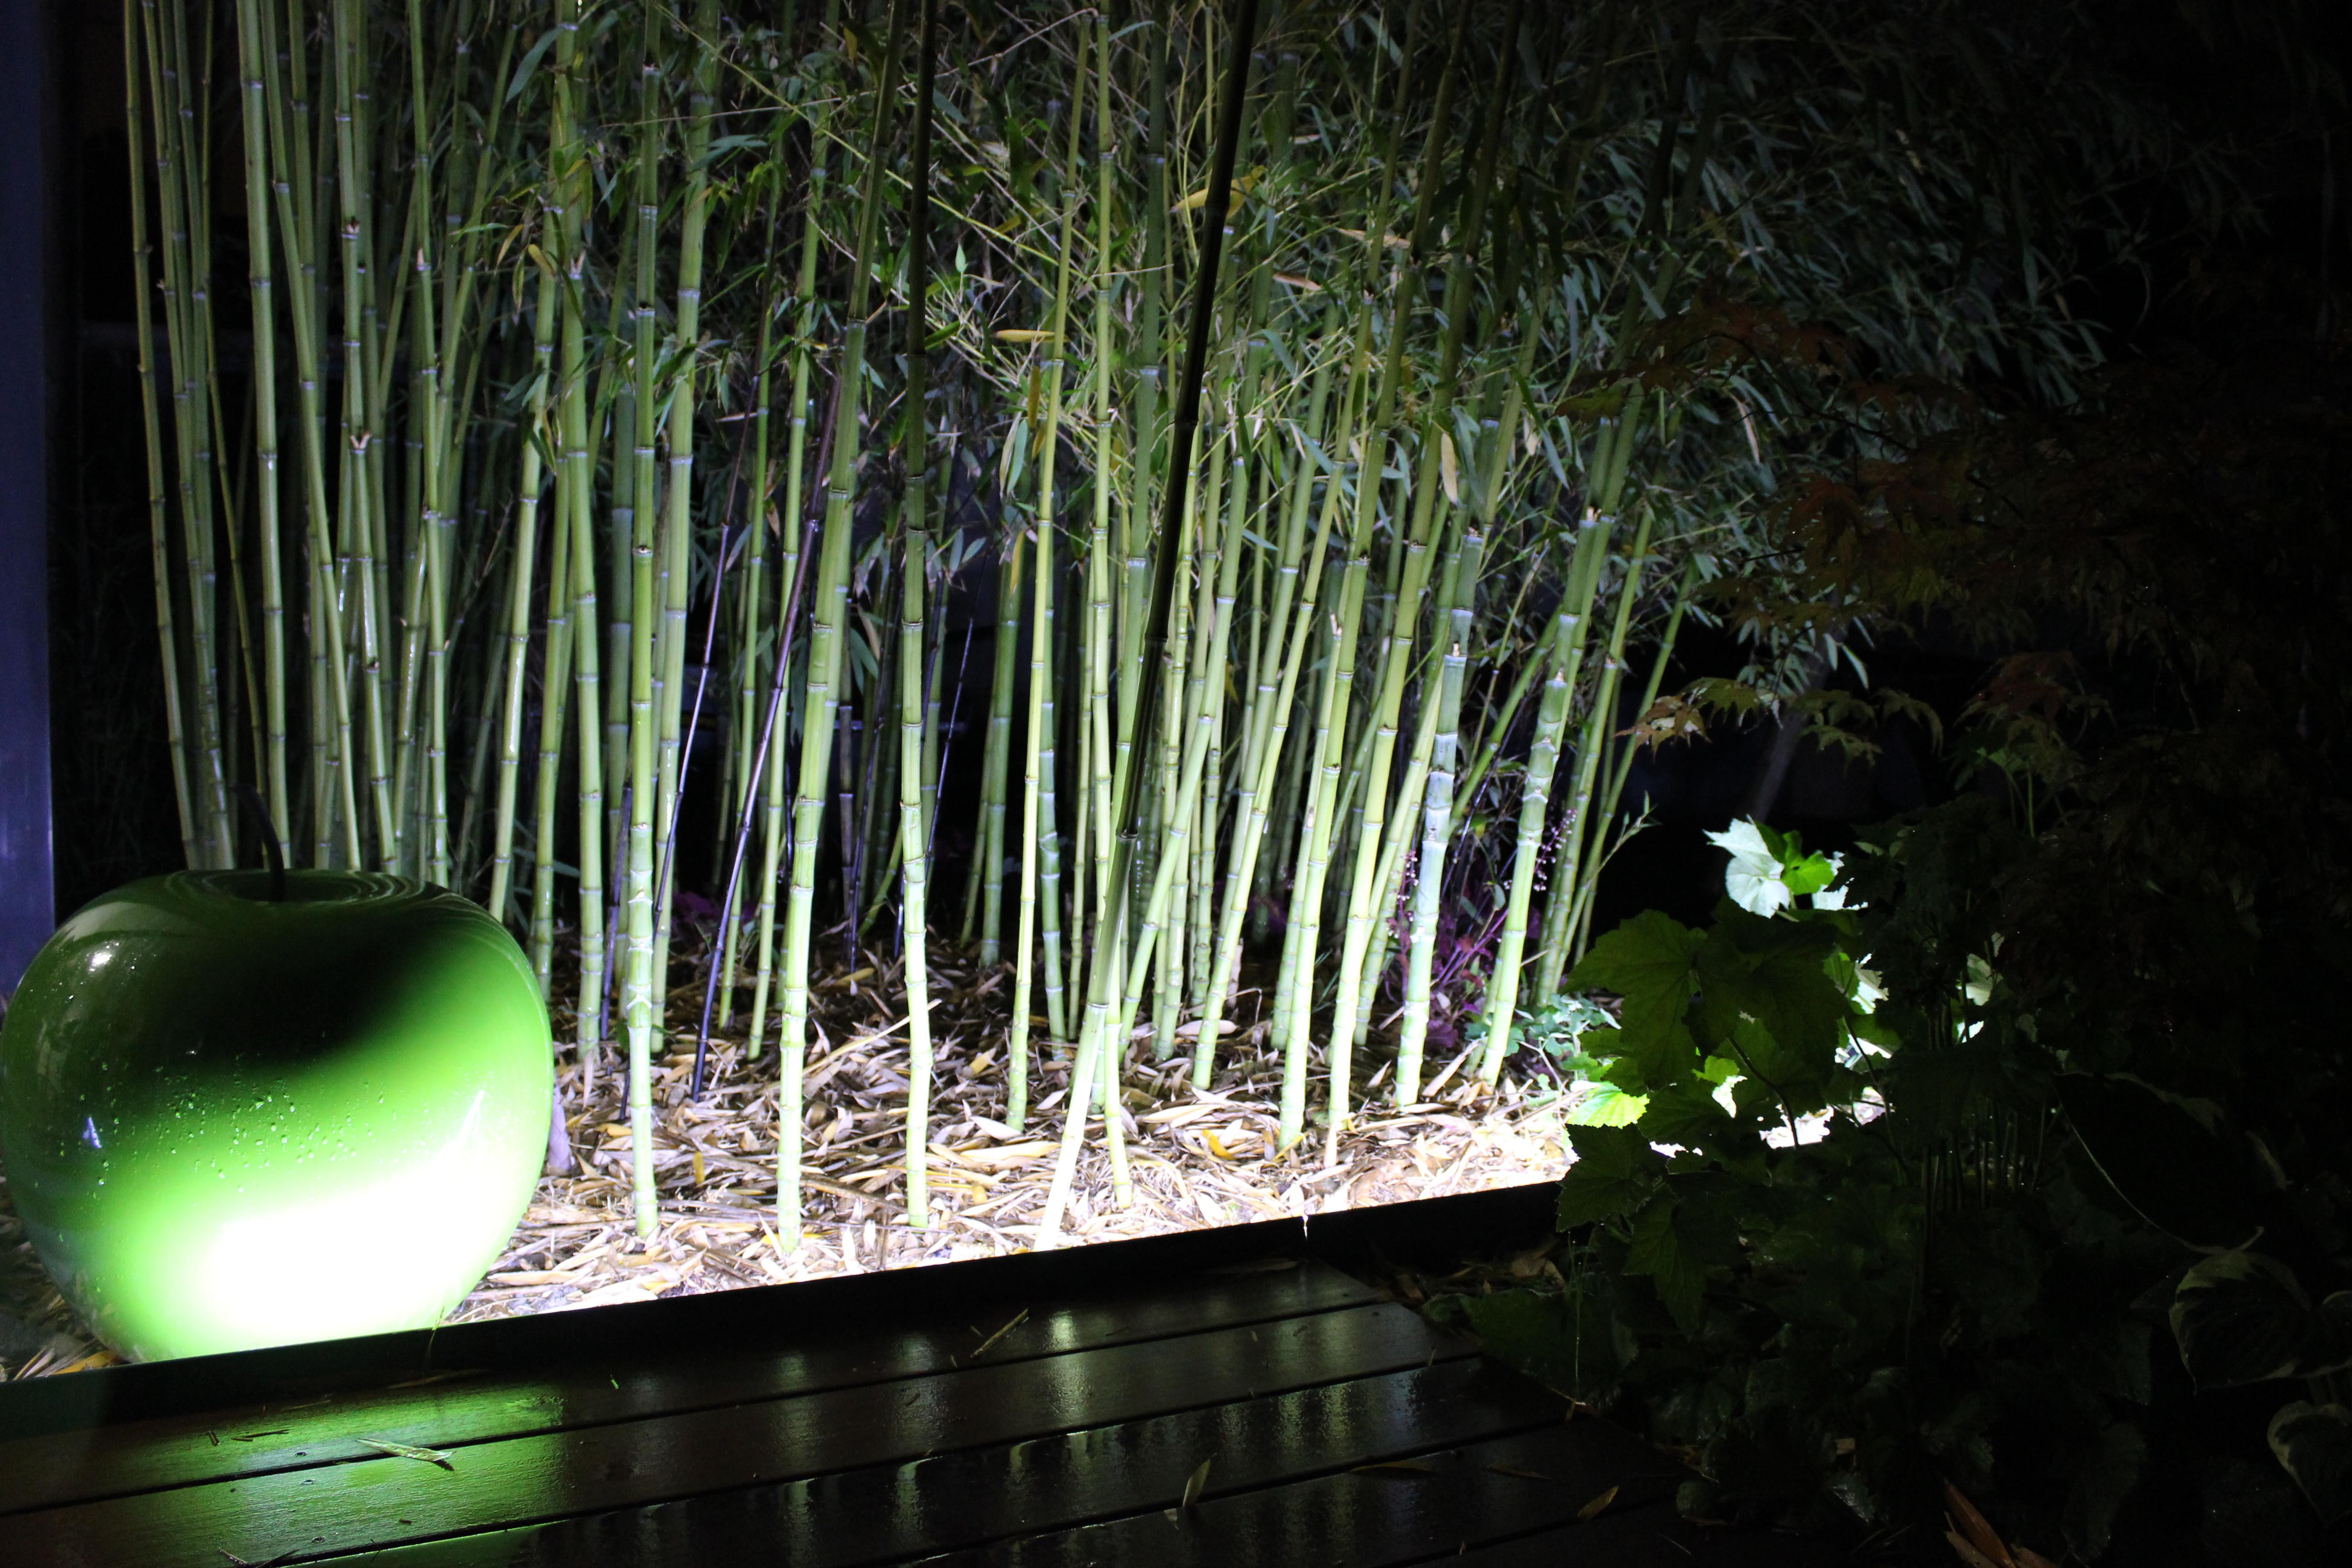 Bordure Jardin Led Id Es Sur Les Parcs Et Leur Quipement De  # Bordure De Jardin Discrete